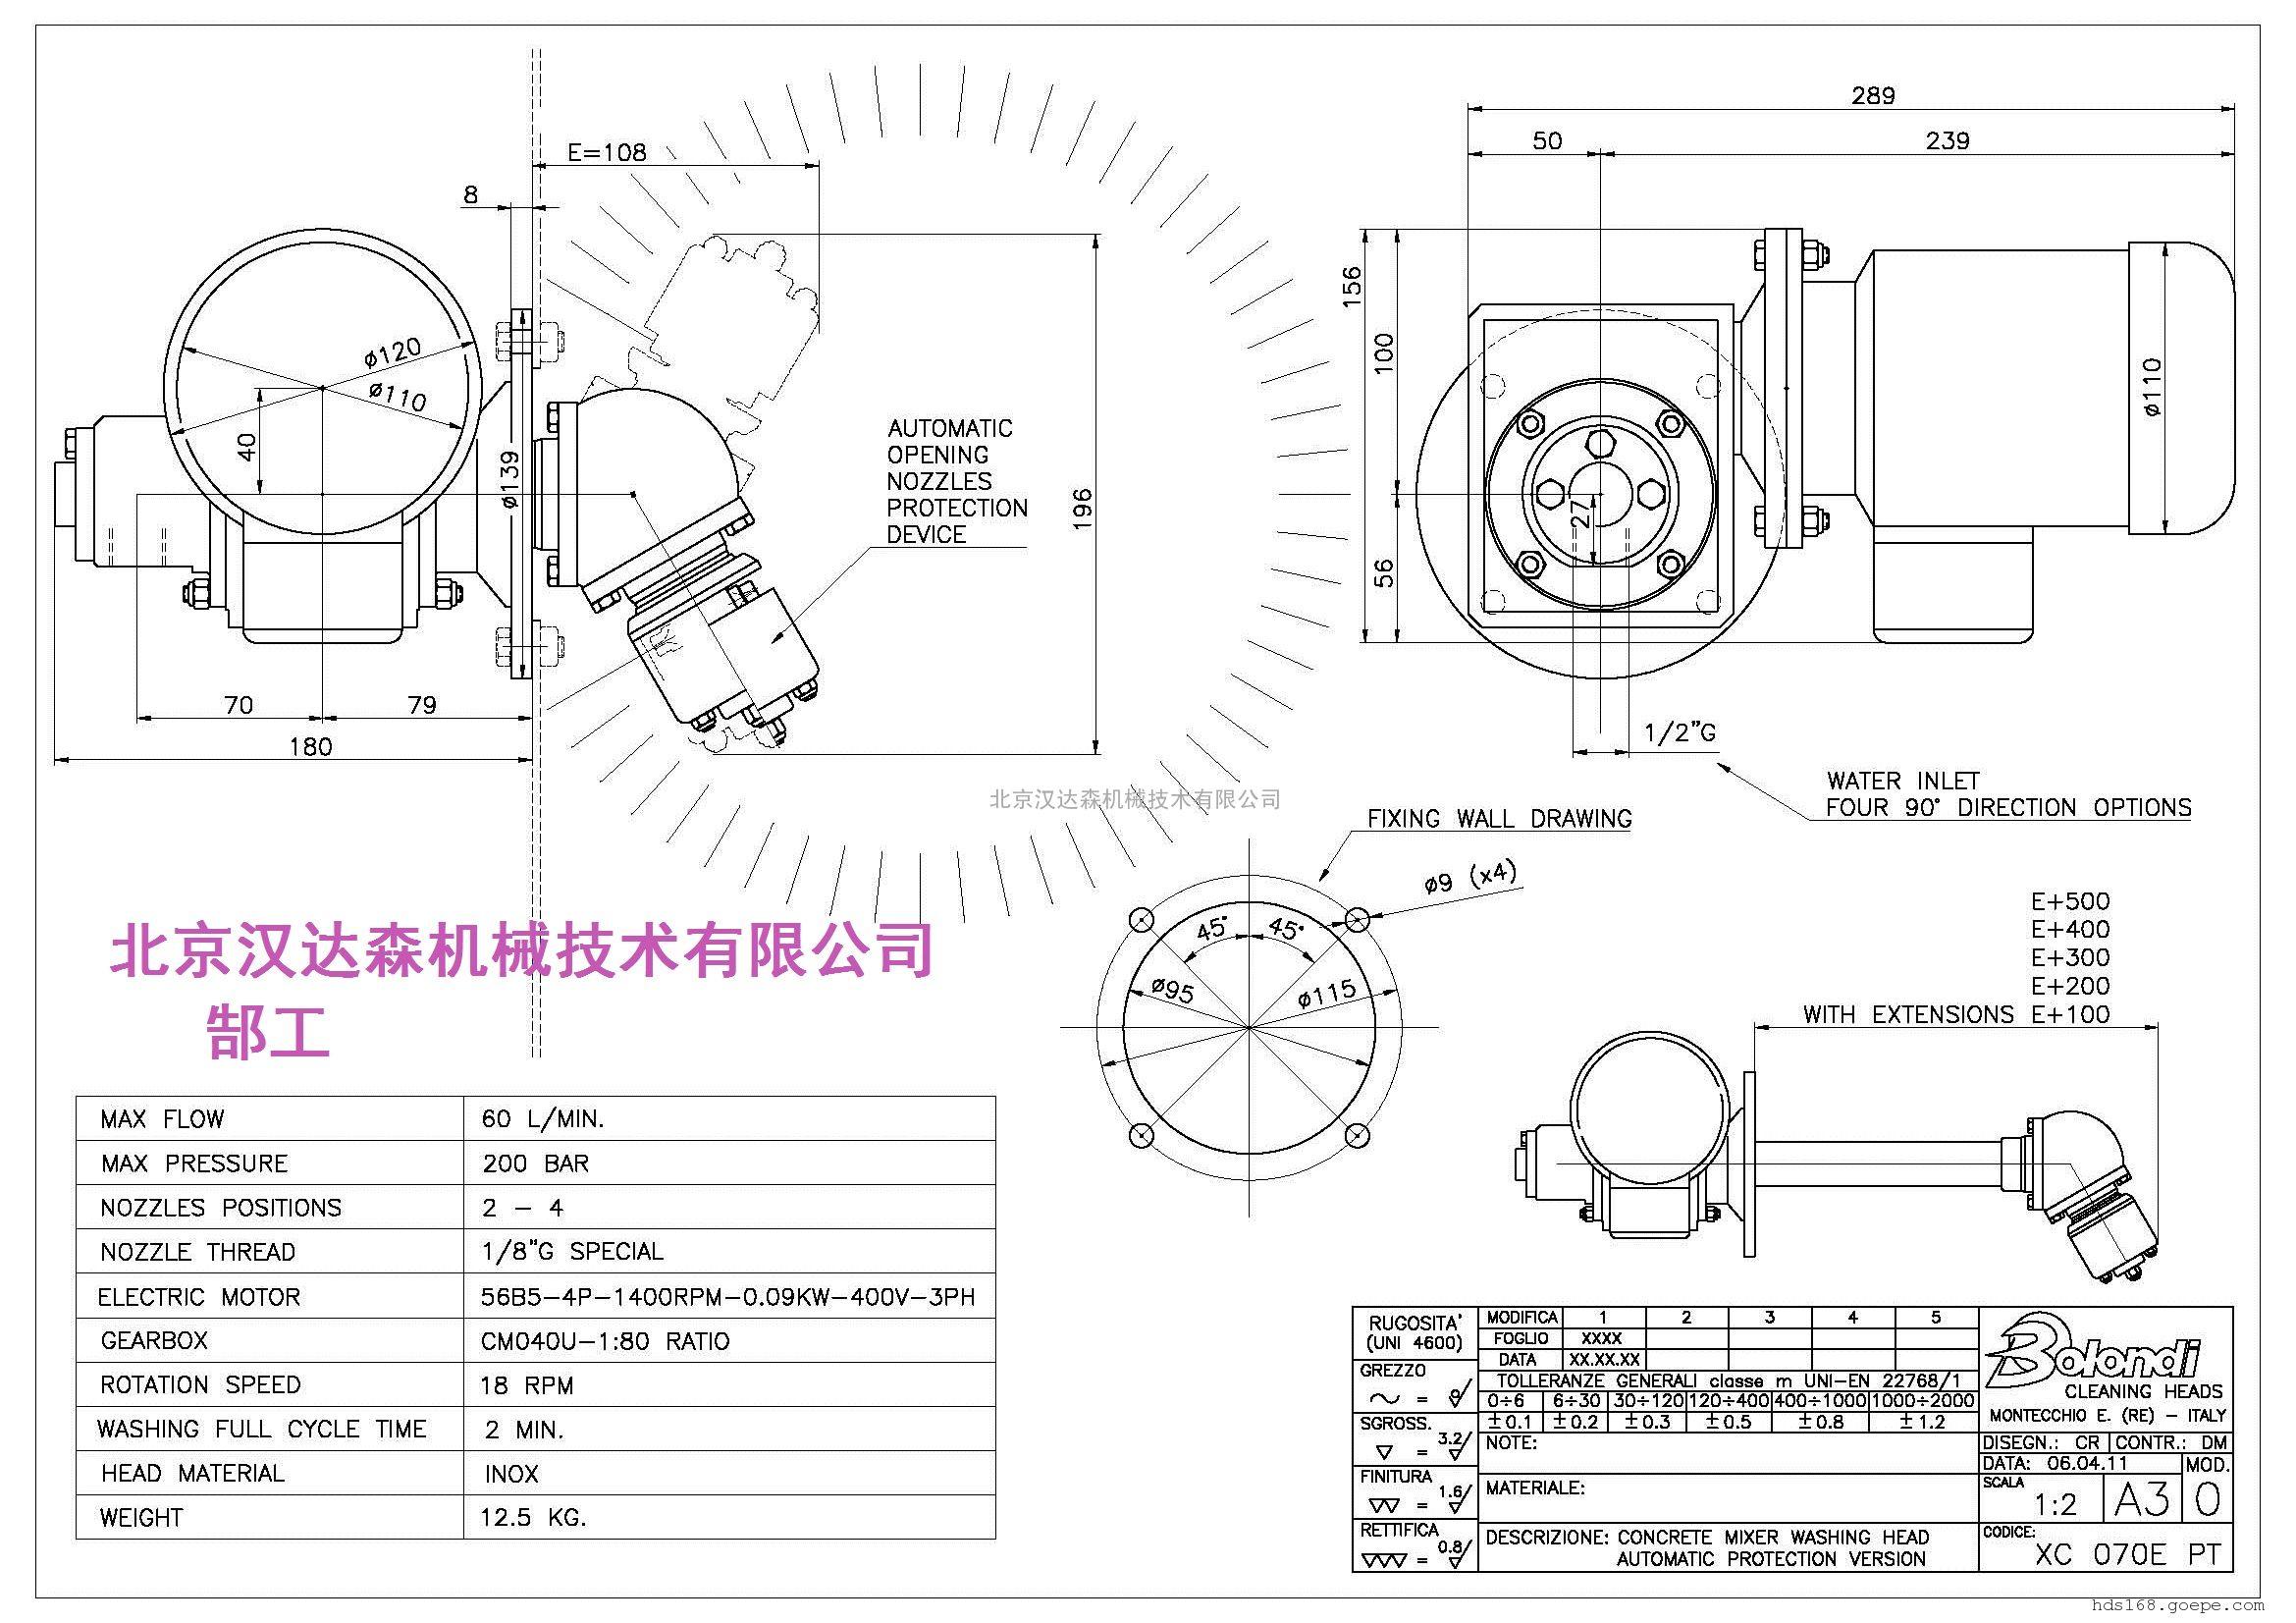 装进口布隆迪高压清洗图纸BolondiXC070E-PTcad上方喷头全打印不图片